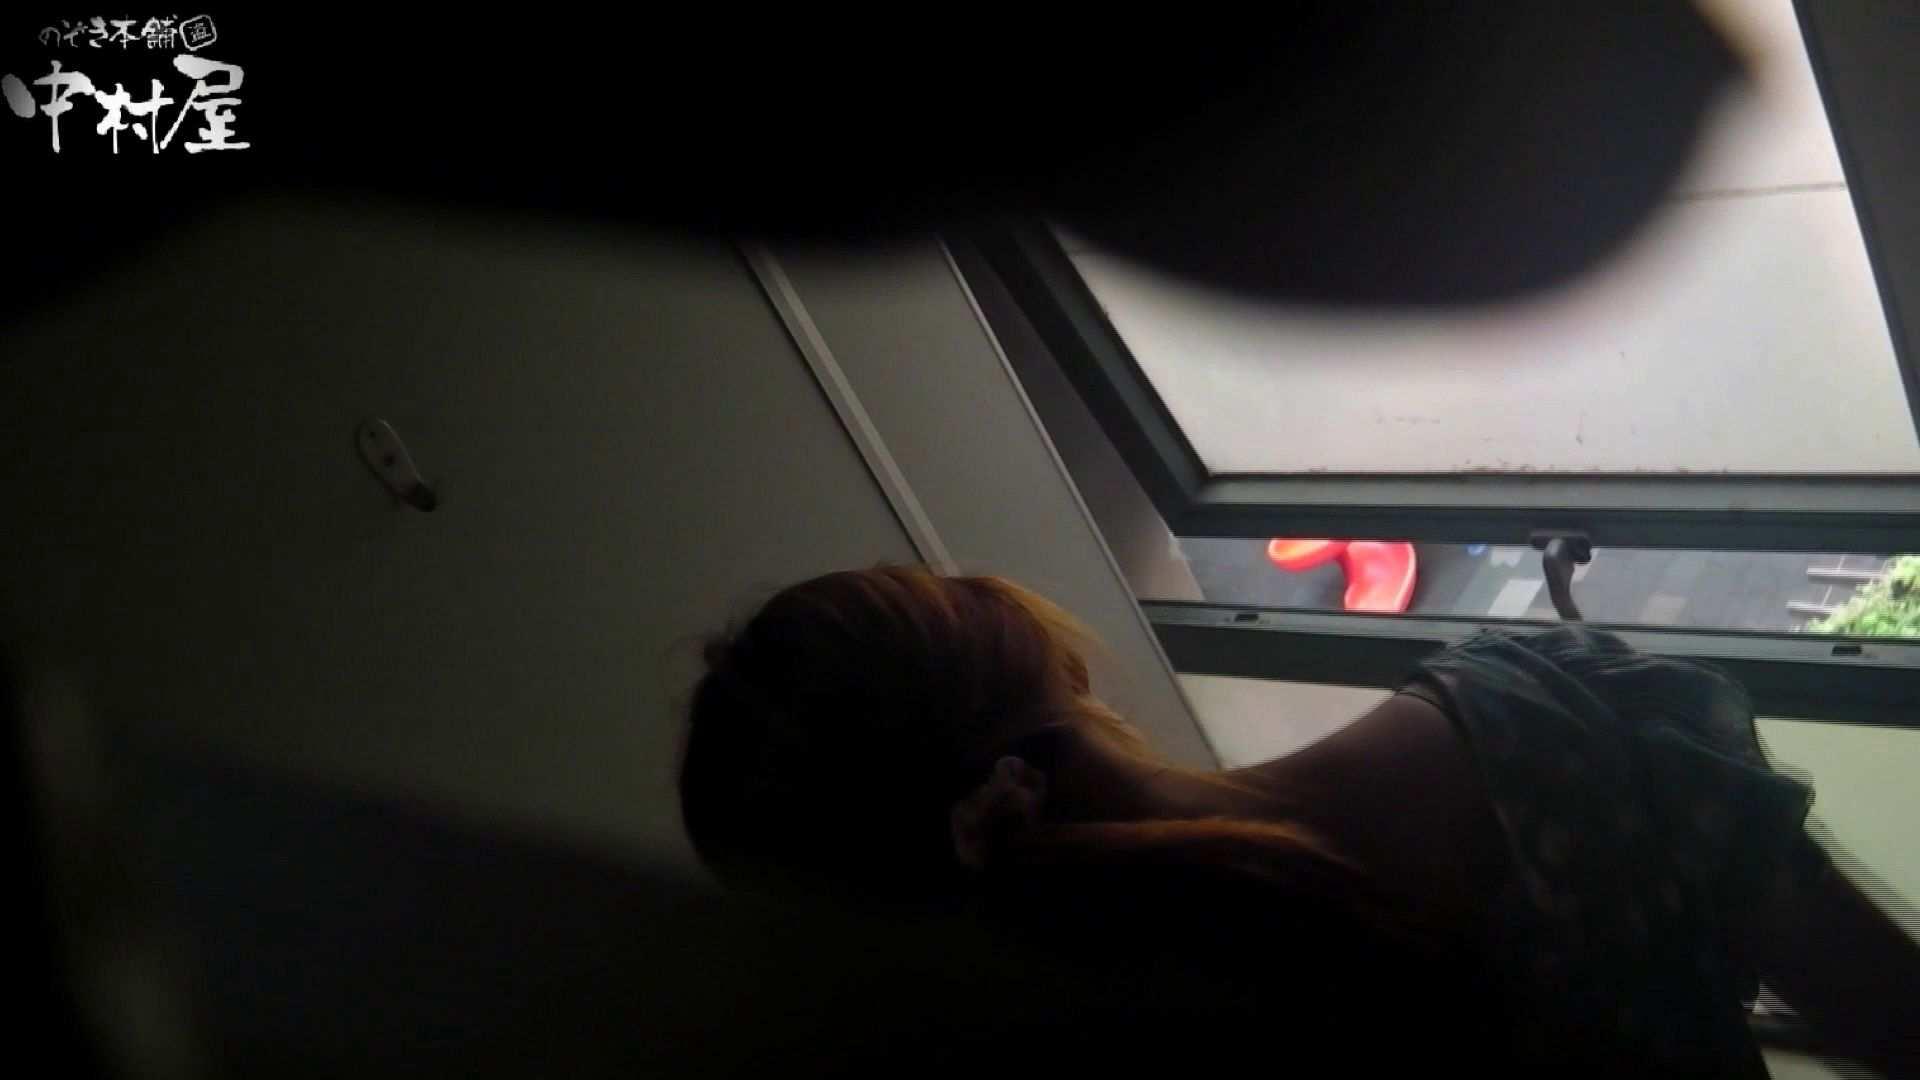 世界の射窓から~vol47 珍しい、毛からしたってくる聖水 OLエロ画像 | 0  113PICs 97